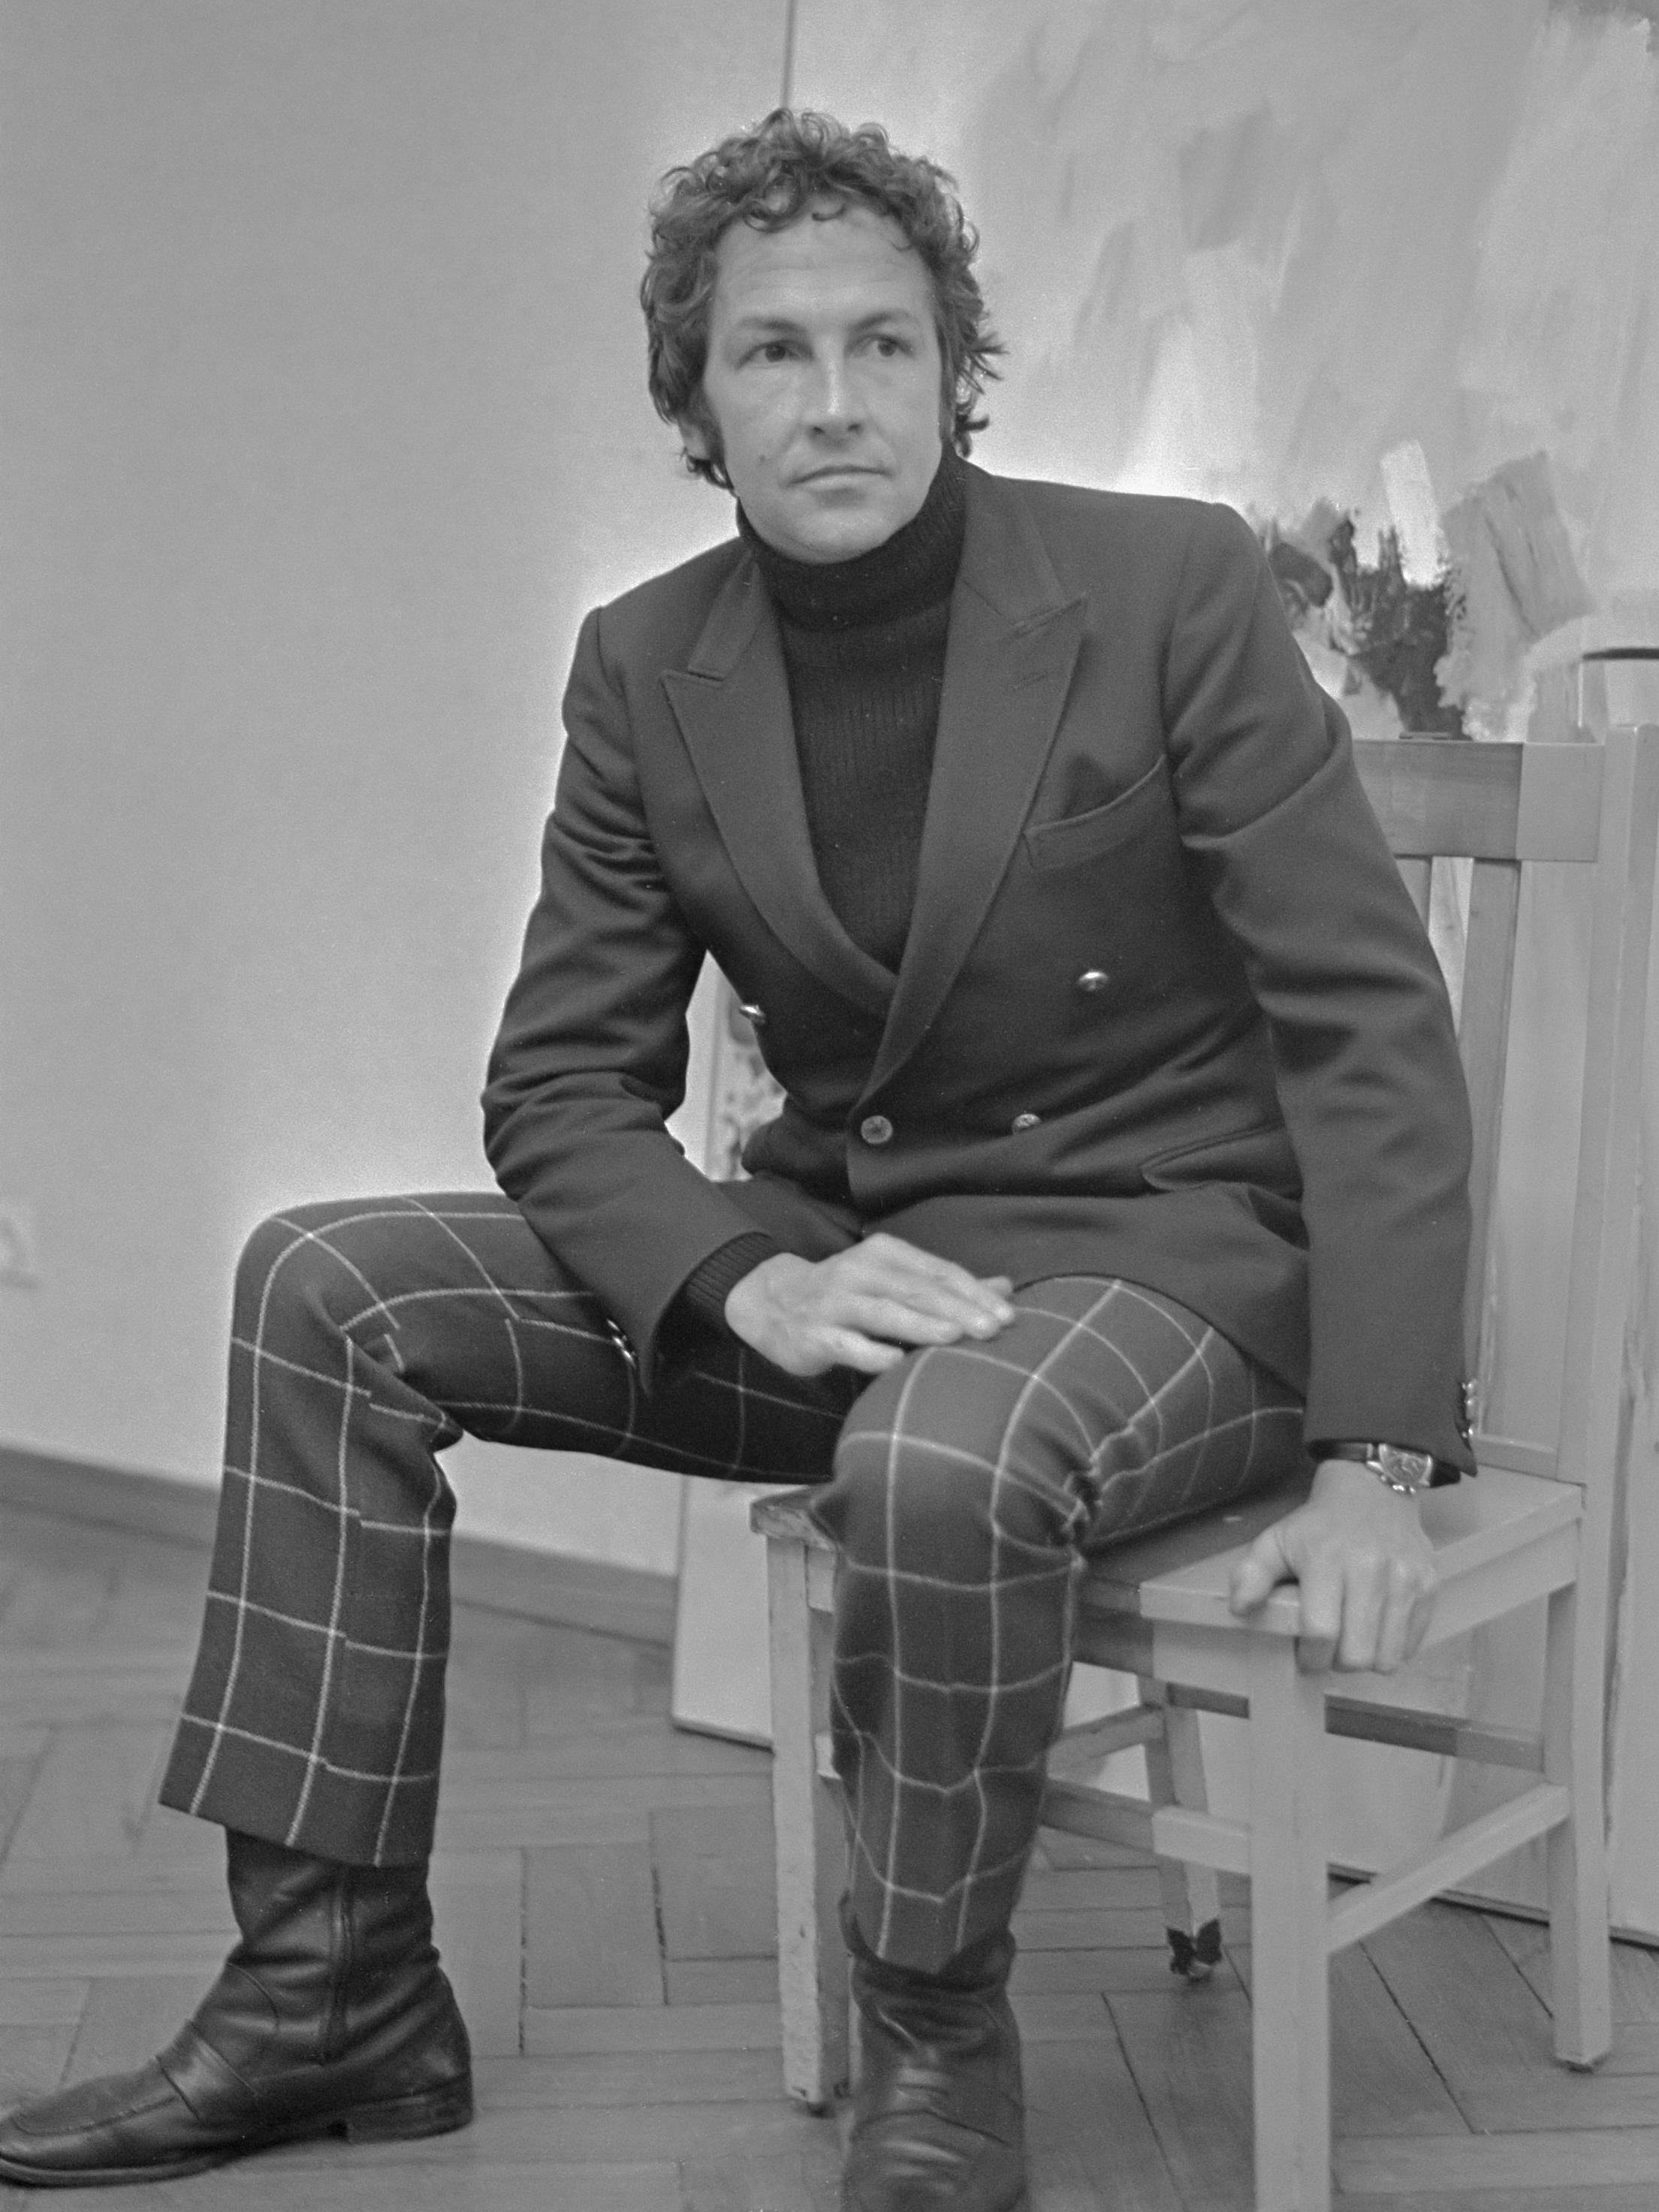 Portrait of Robert Rauschenberg